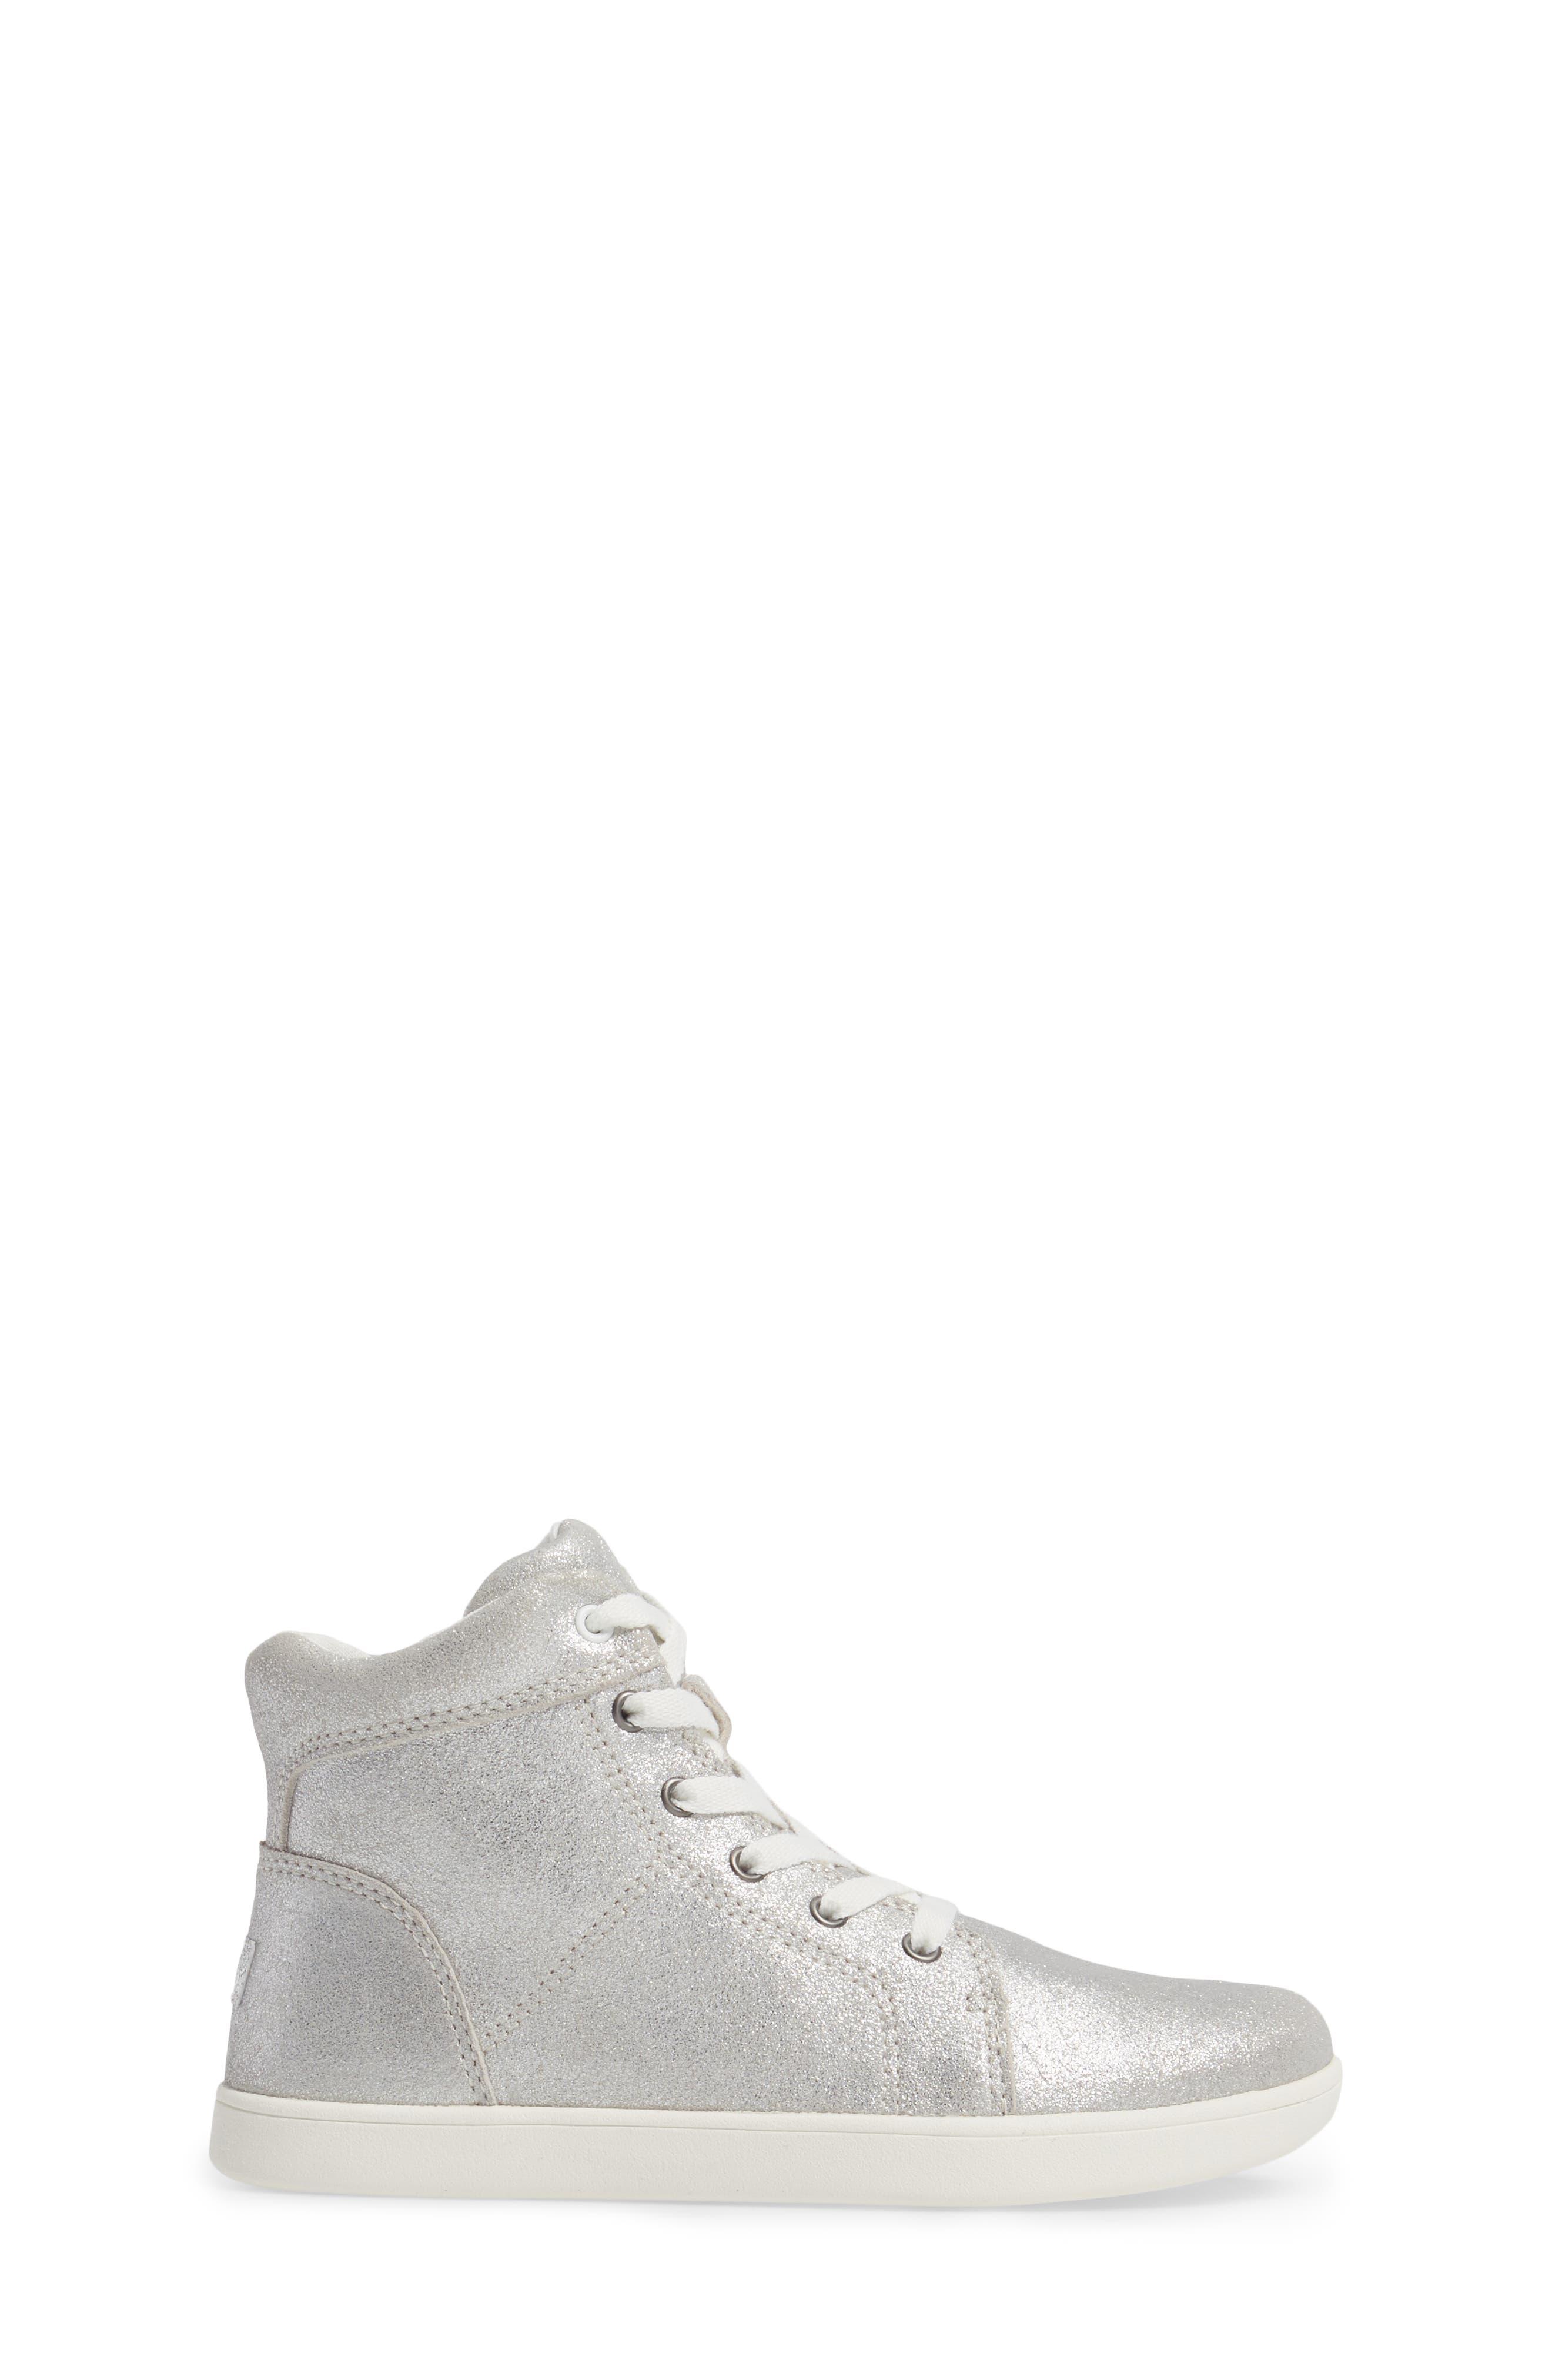 Schyler Metallic High Top Sneaker,                             Alternate thumbnail 3, color,                             040